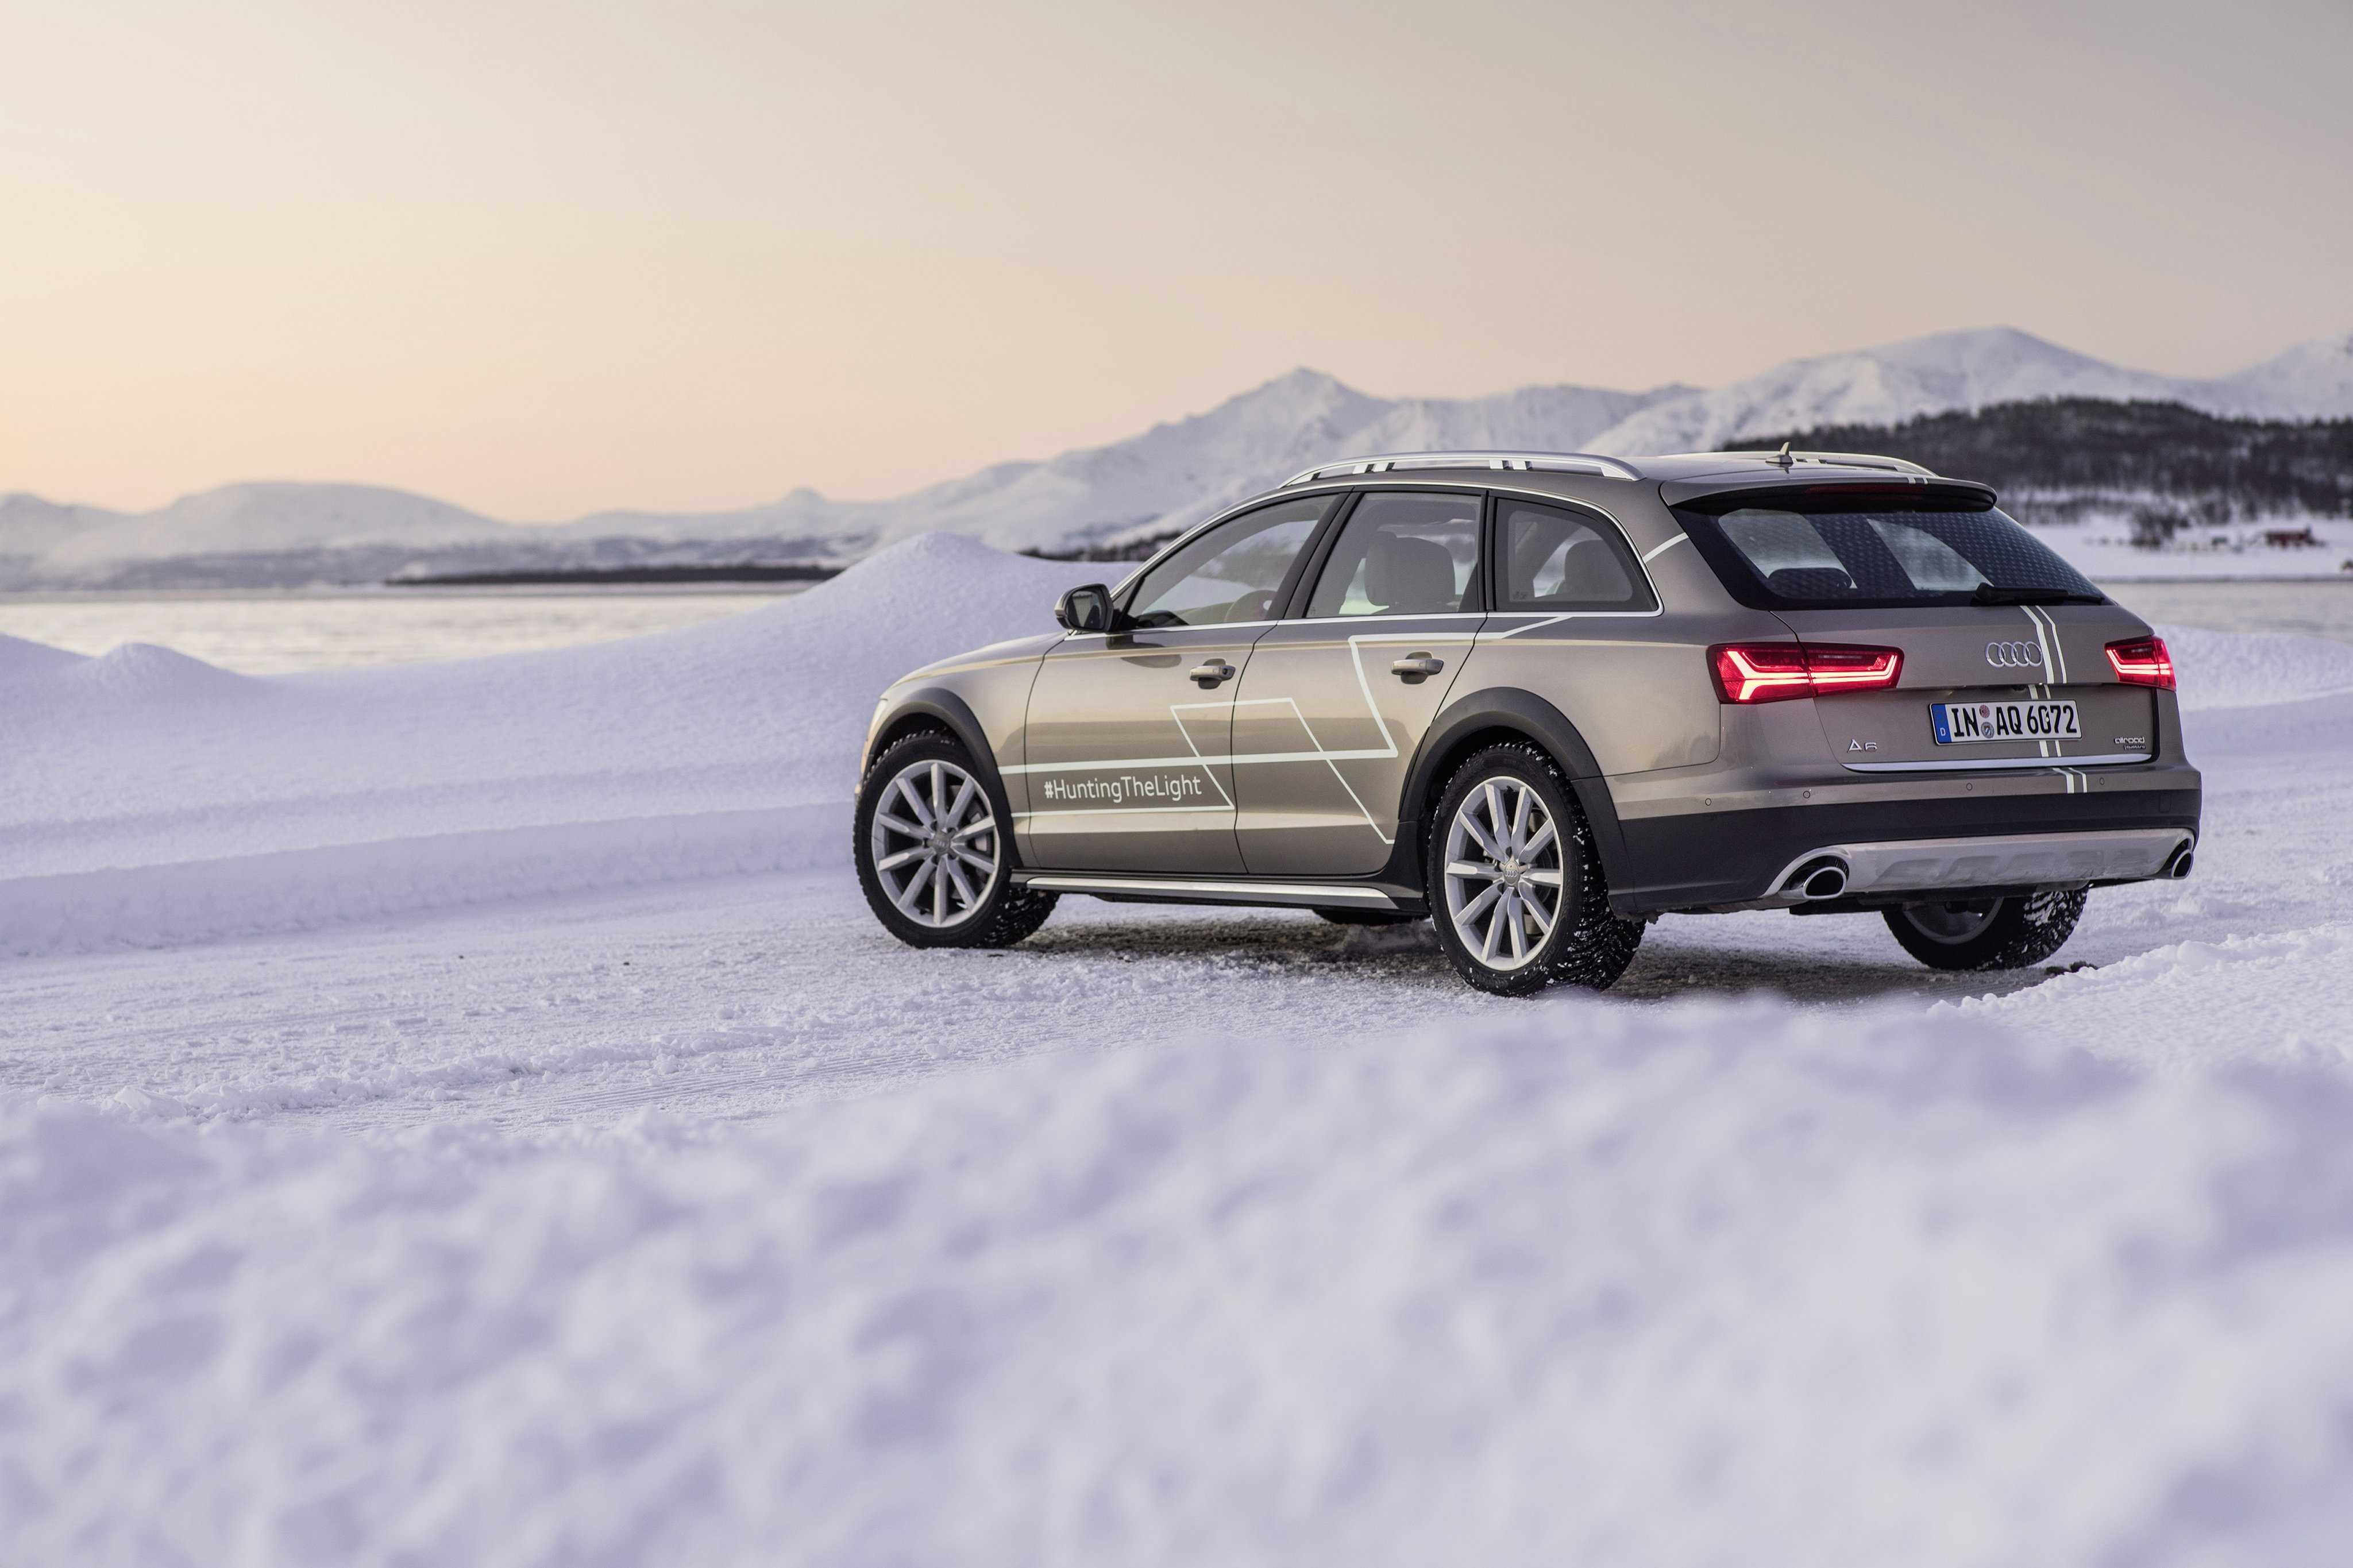 Audi a6 3.0 tdi quattro s tronic (01.2011 - 11.2014) - технические характеристики